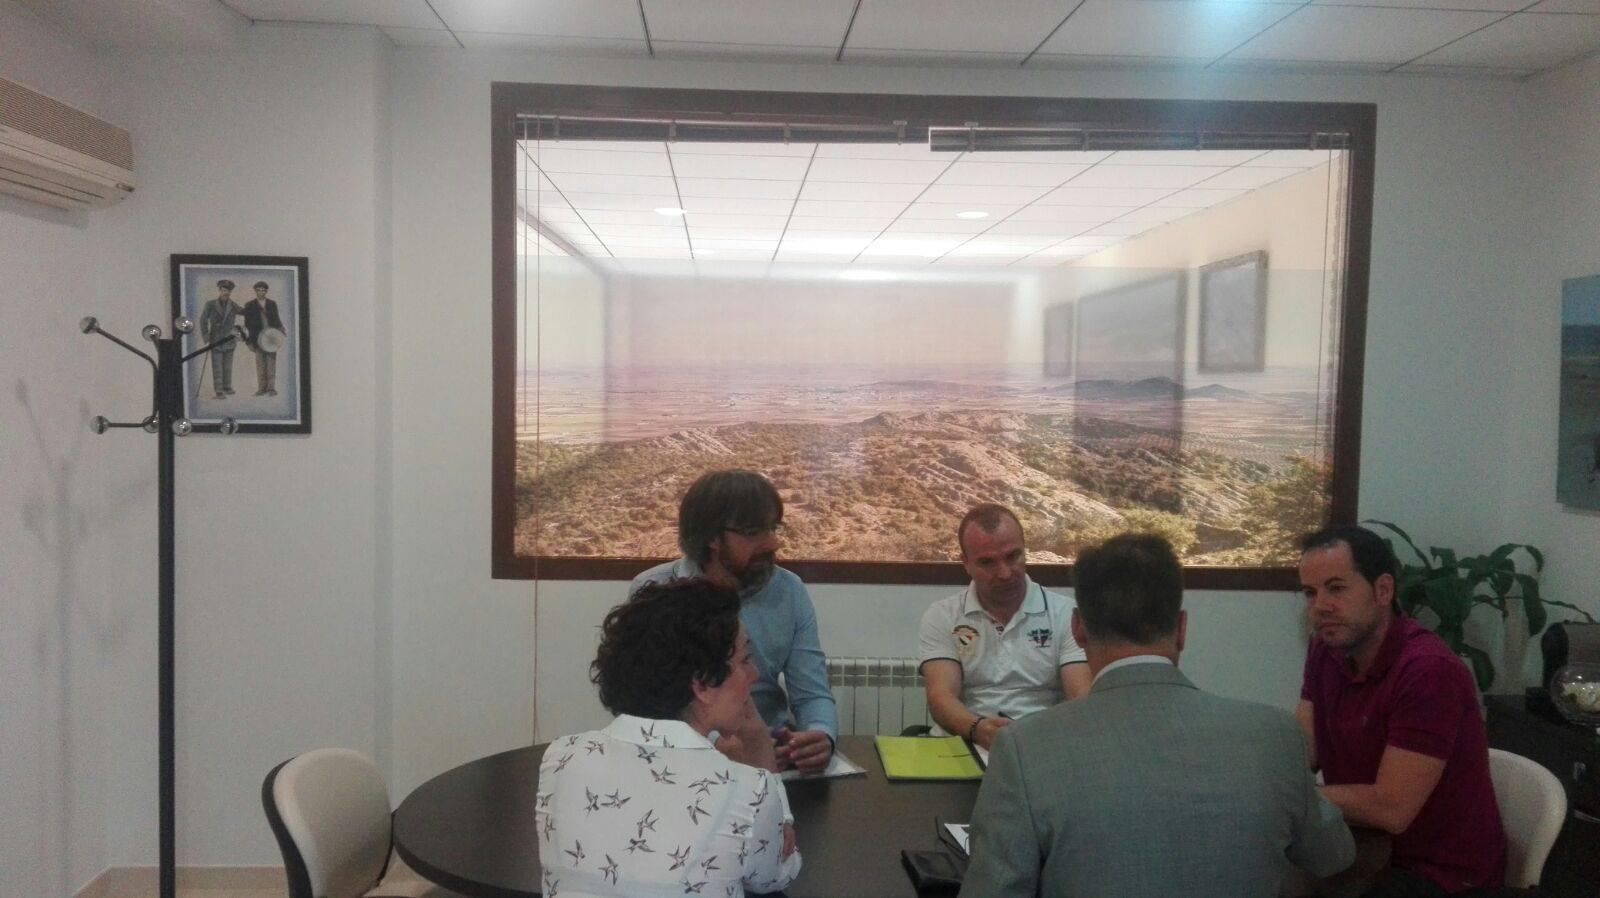 firma convenio itecam 3 - Convenio entre Itecam y Herencia para mejora en proyectos empresariales